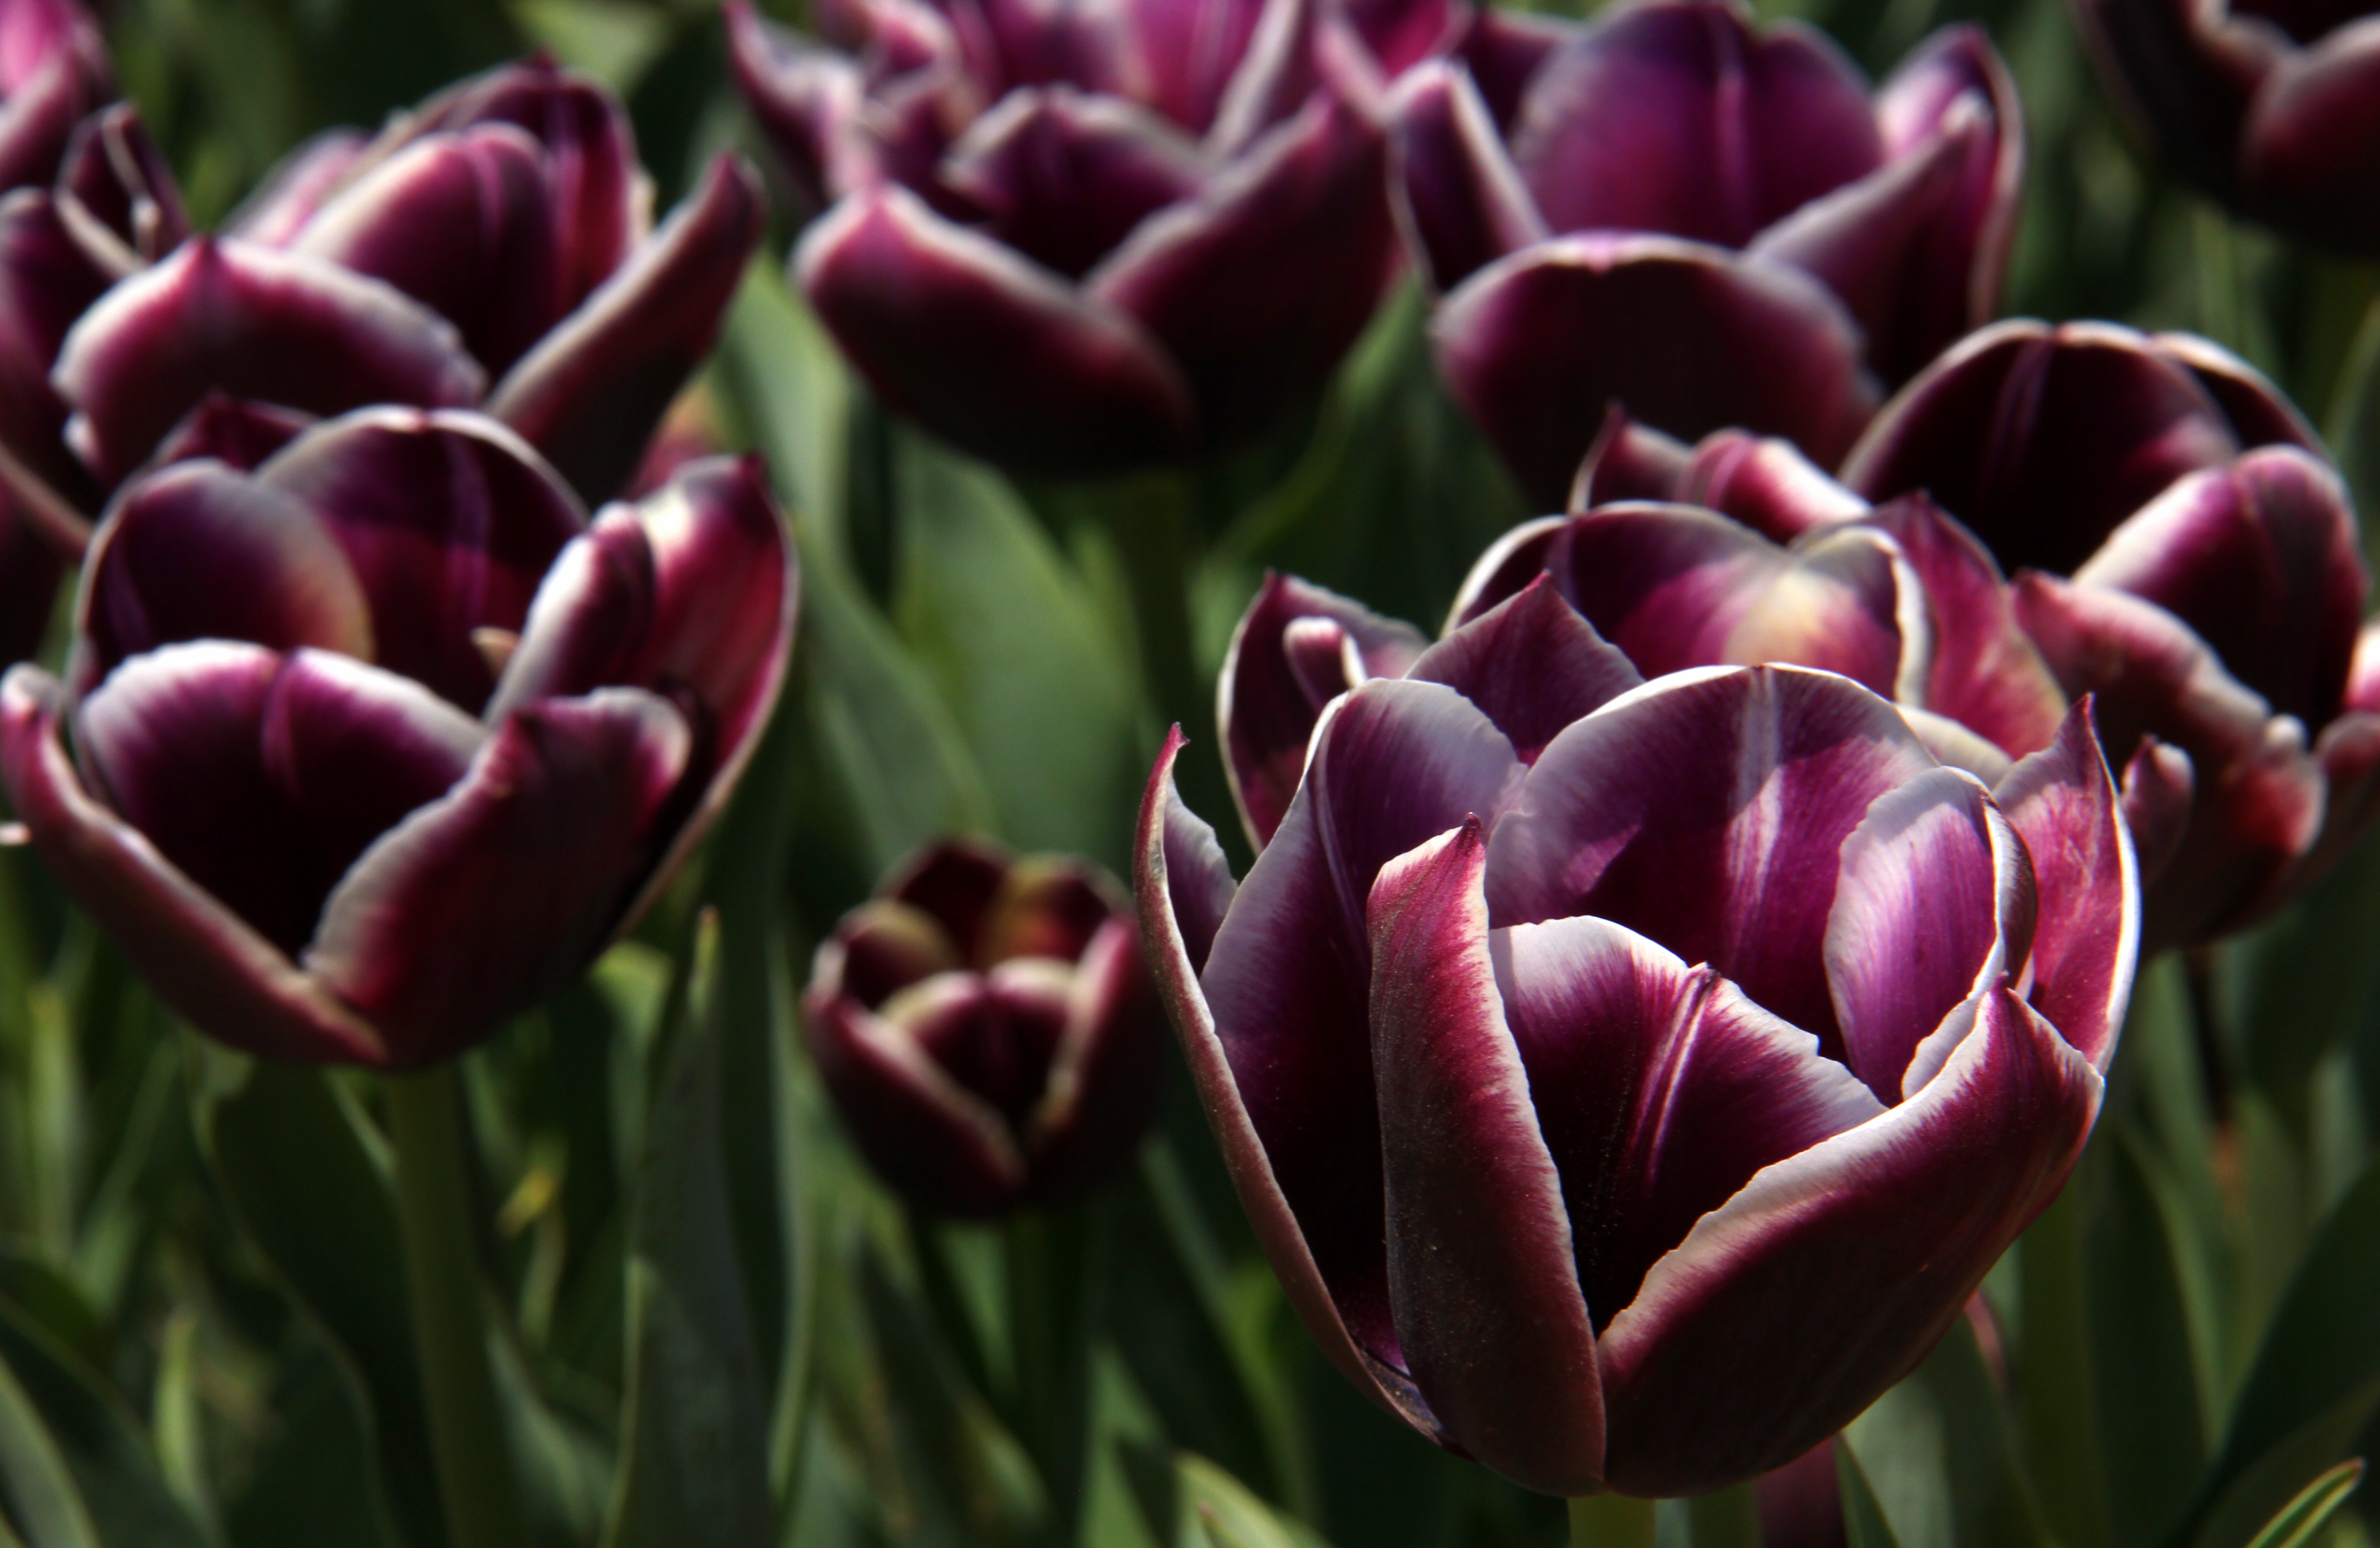 rare black tulips at srinagar tulip festival